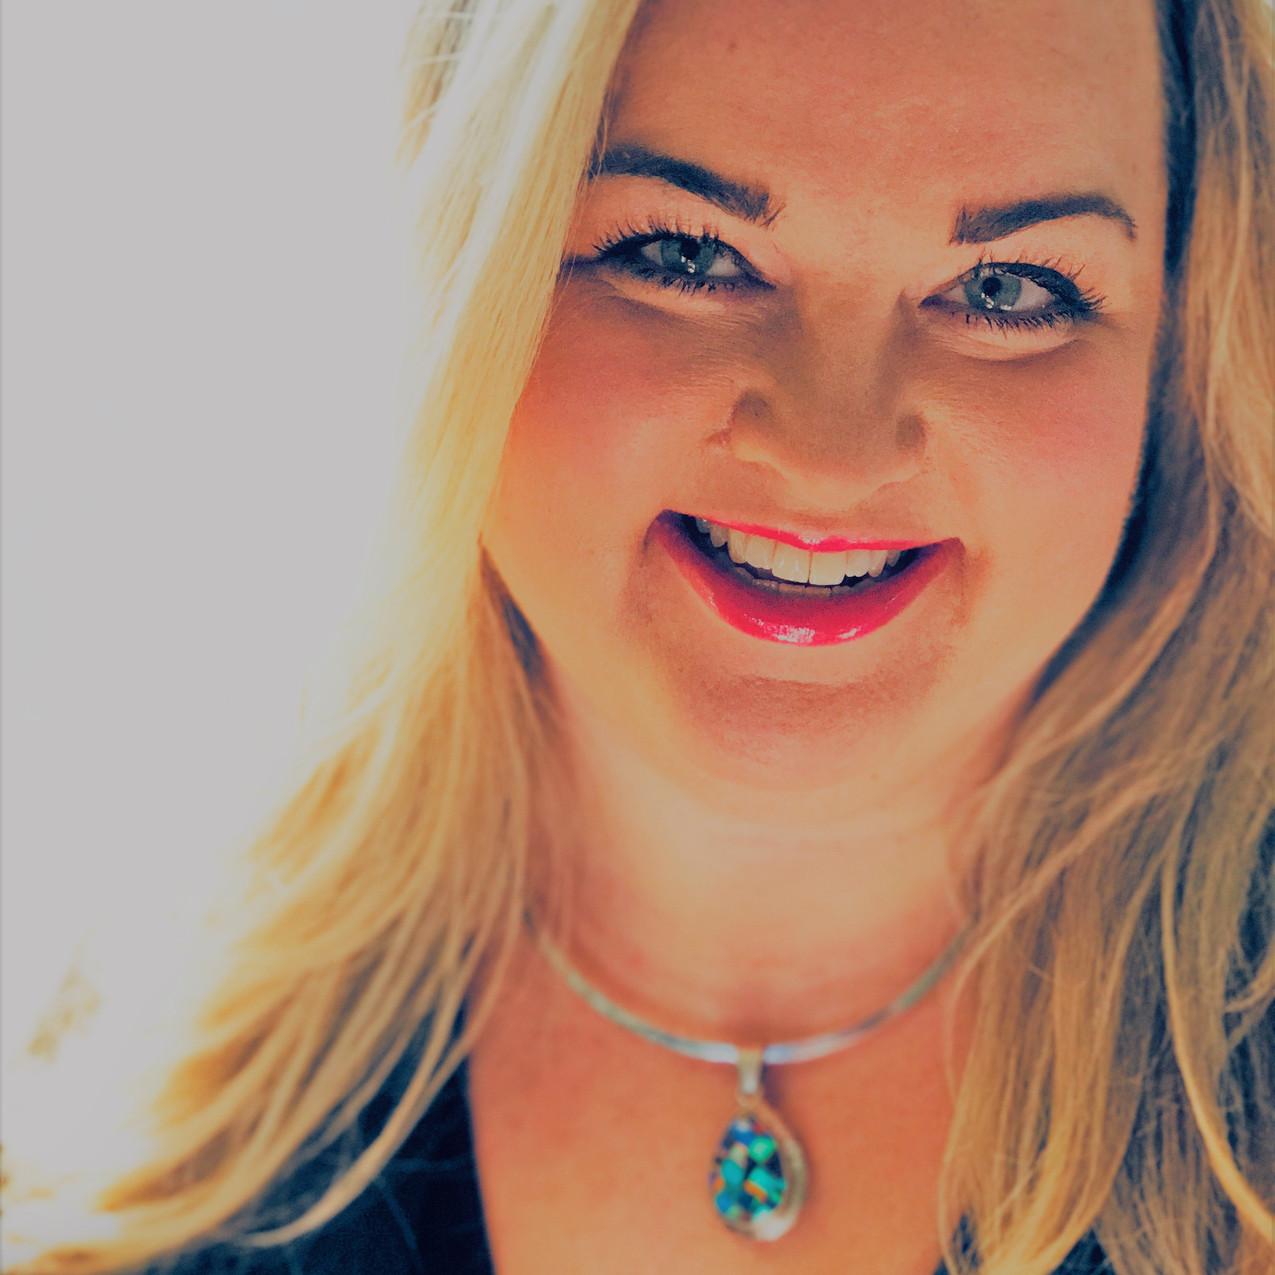 Kellie-Ann Briand